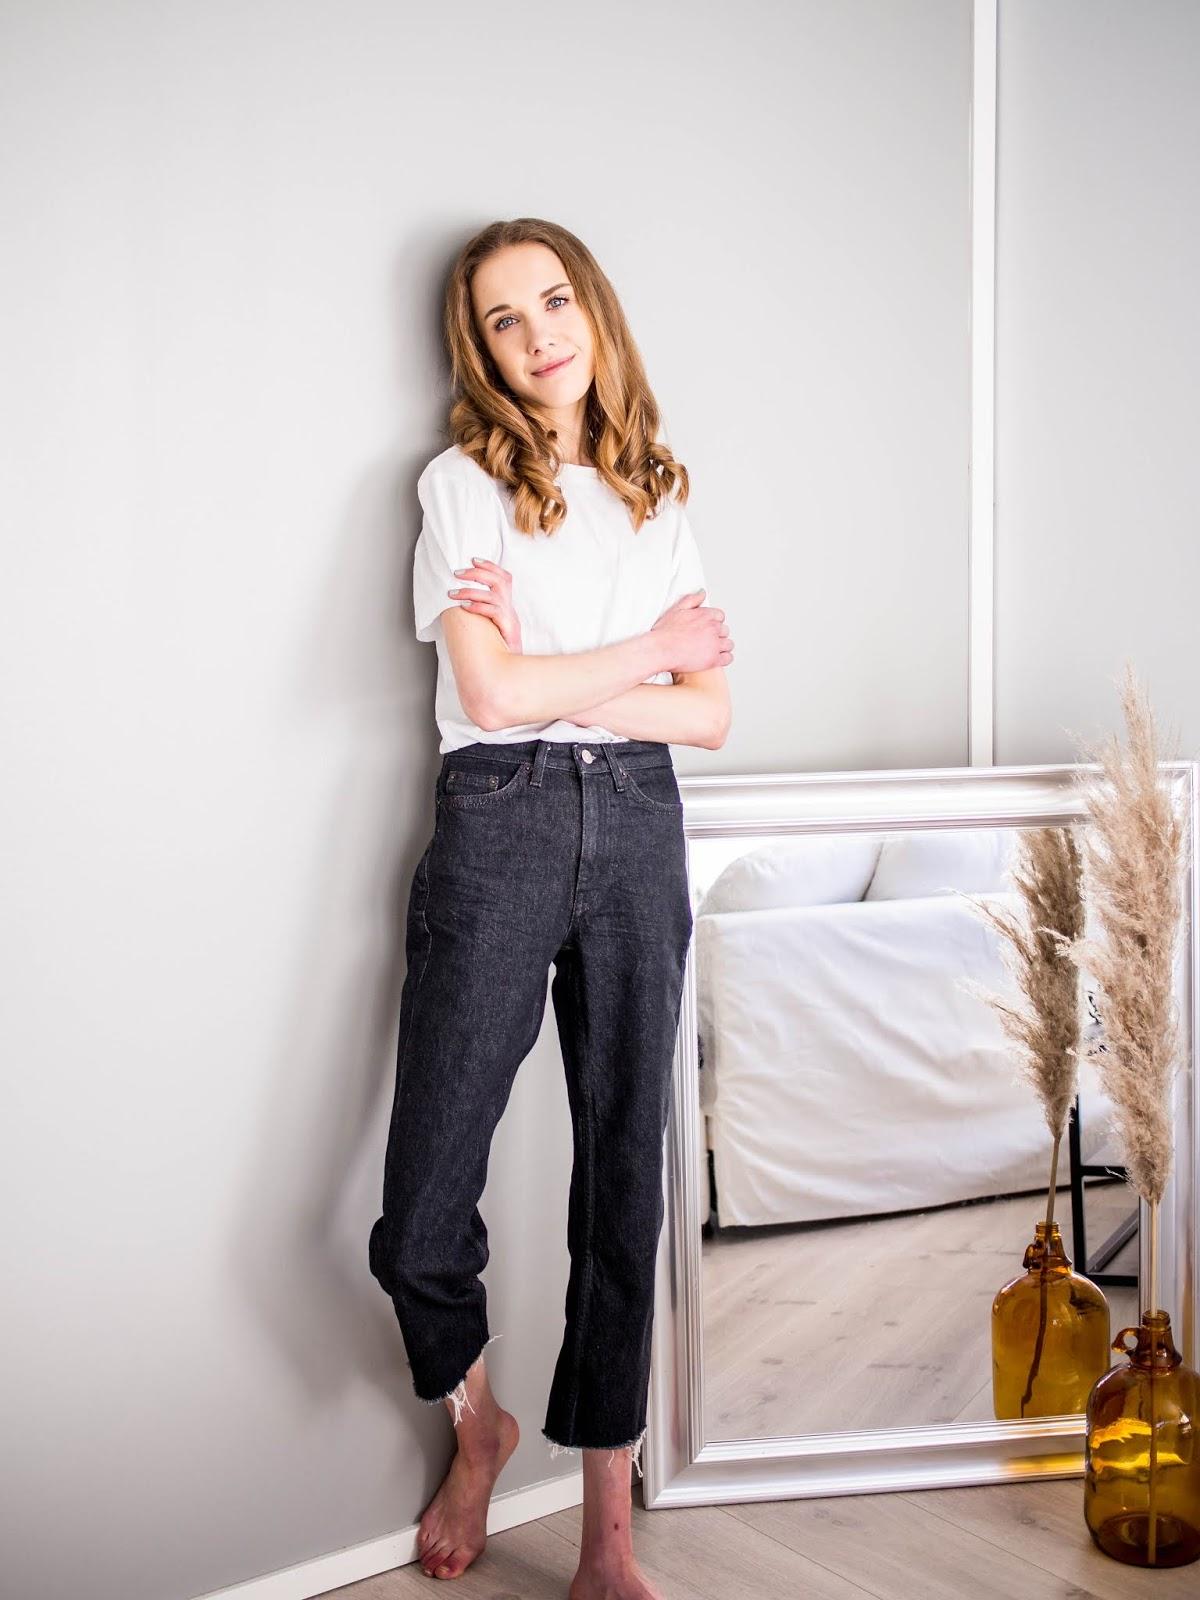 Cropped dark wash jeans with raw hem - Vajaamittaiset suorat farkut revityillä lahkeilla